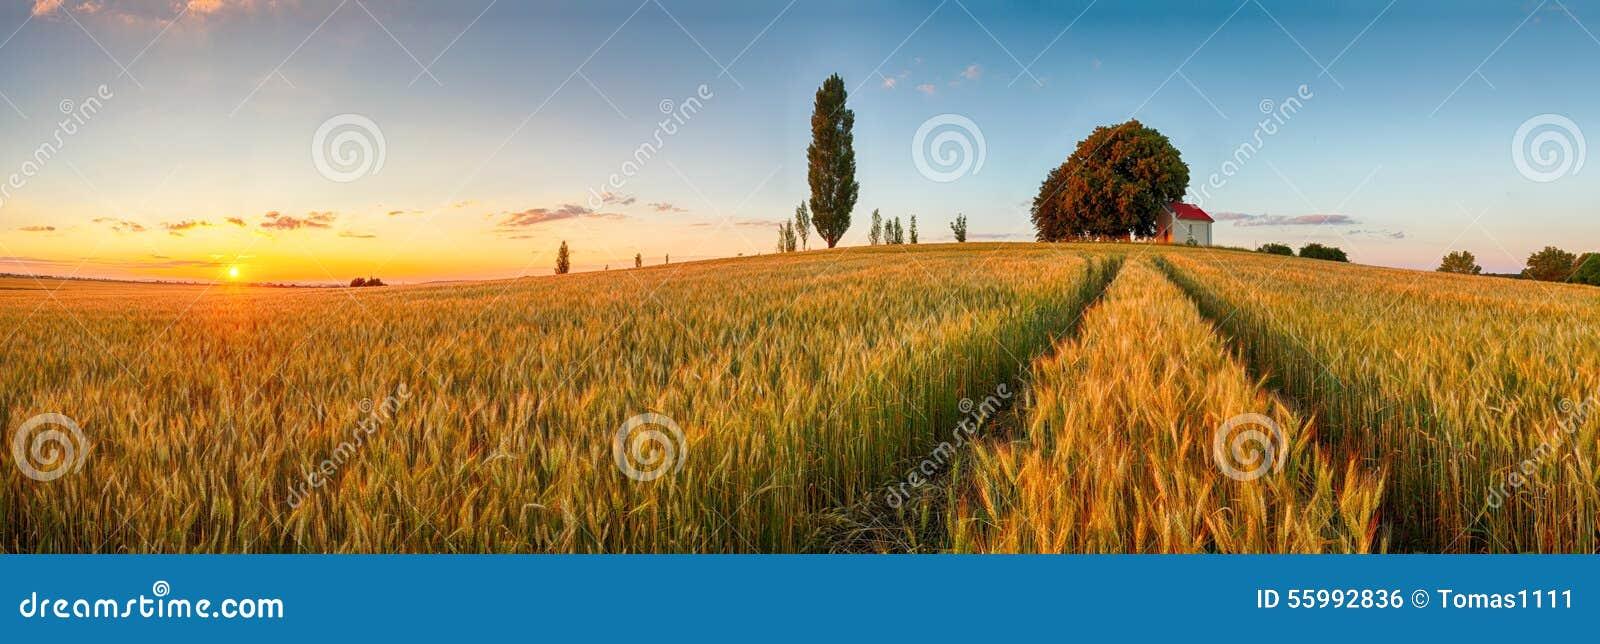 Campagna di panorama del giacimento di grano di estate, agricoltura